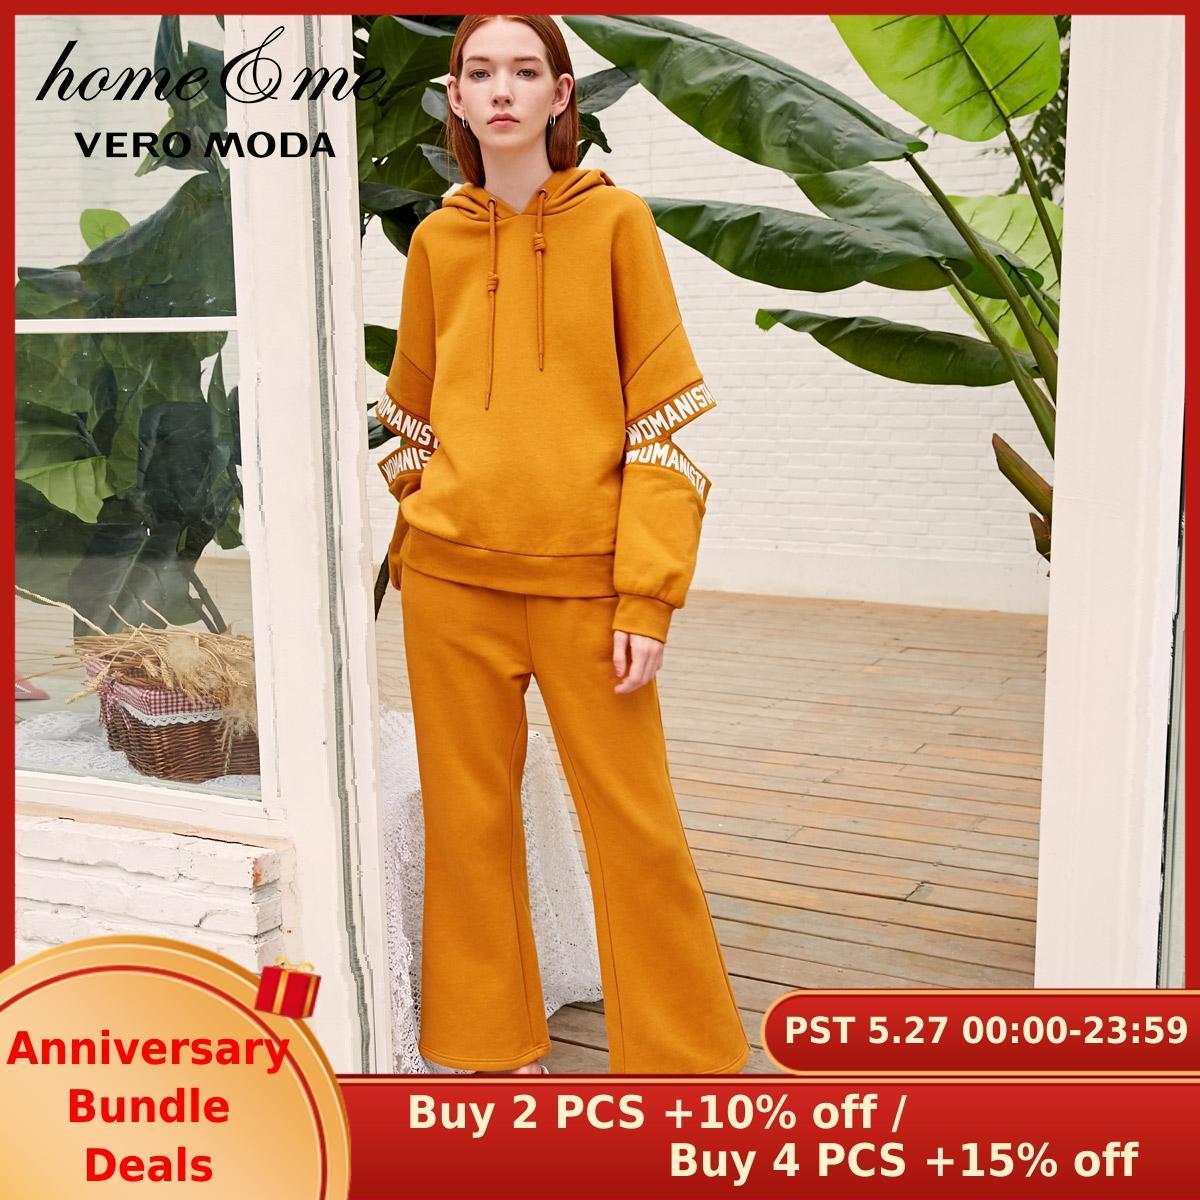 Vero Moda Letter Print Cut-out Sleeves Hooded Leisure Hoodies Sweatshirt | 3184R3502